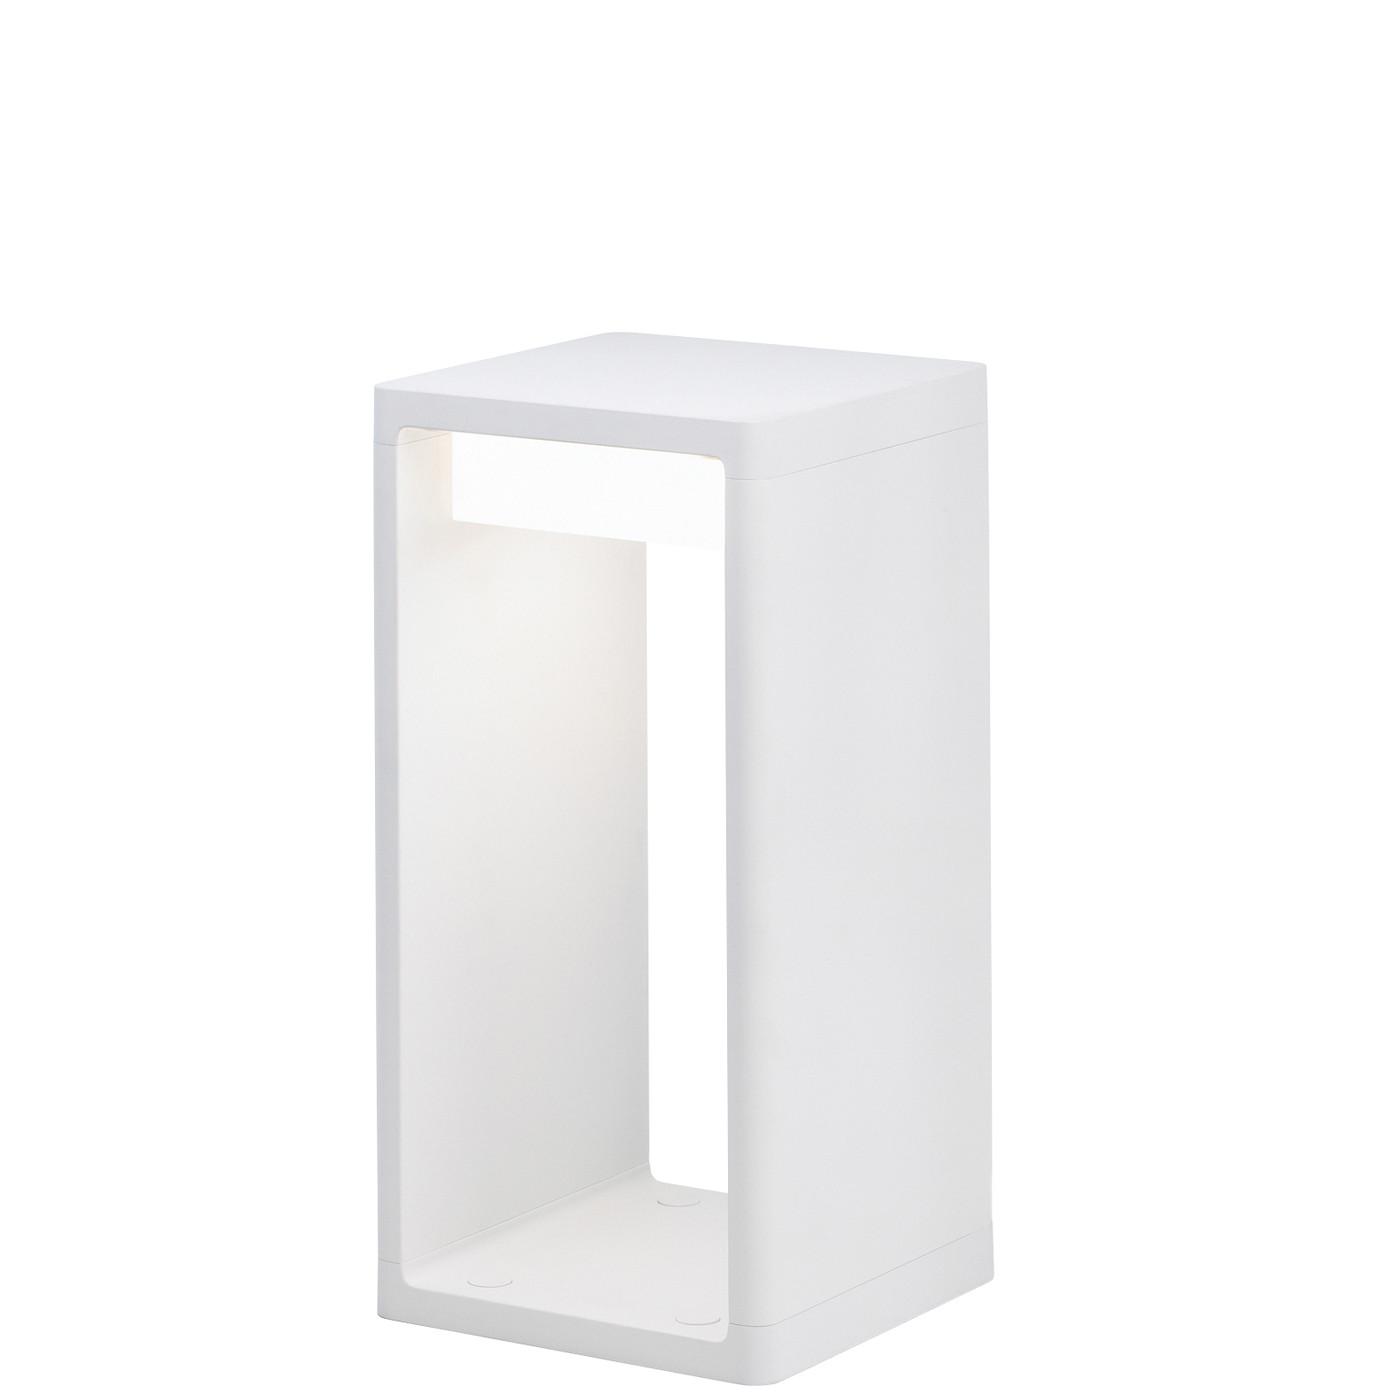 B.Lux Frame S LED